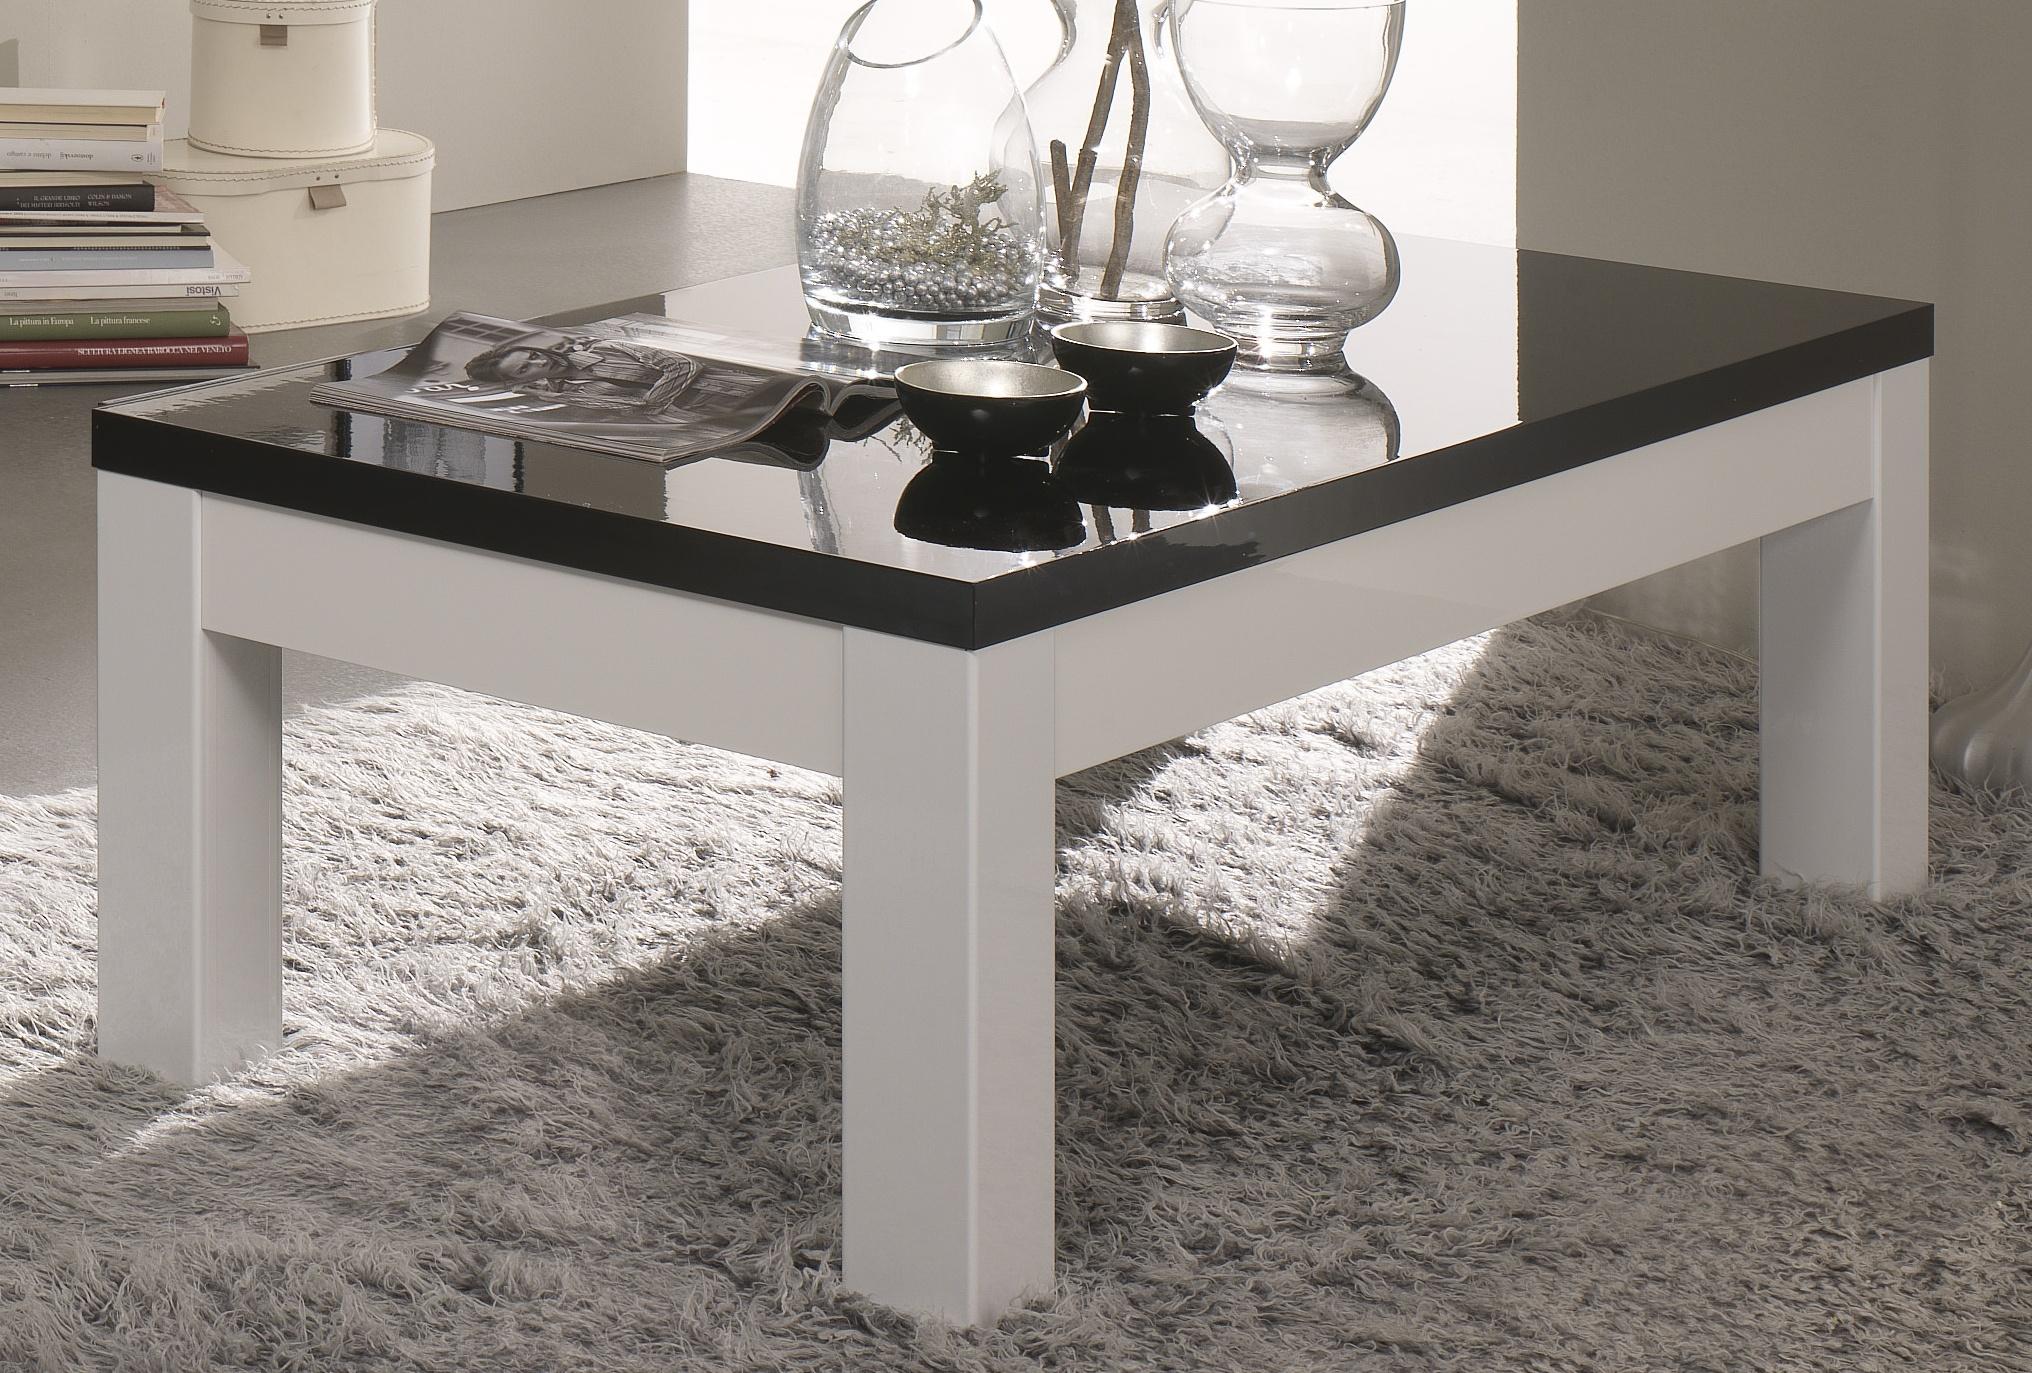 Table basse rectangulaire design laquée blanche et noire Loana